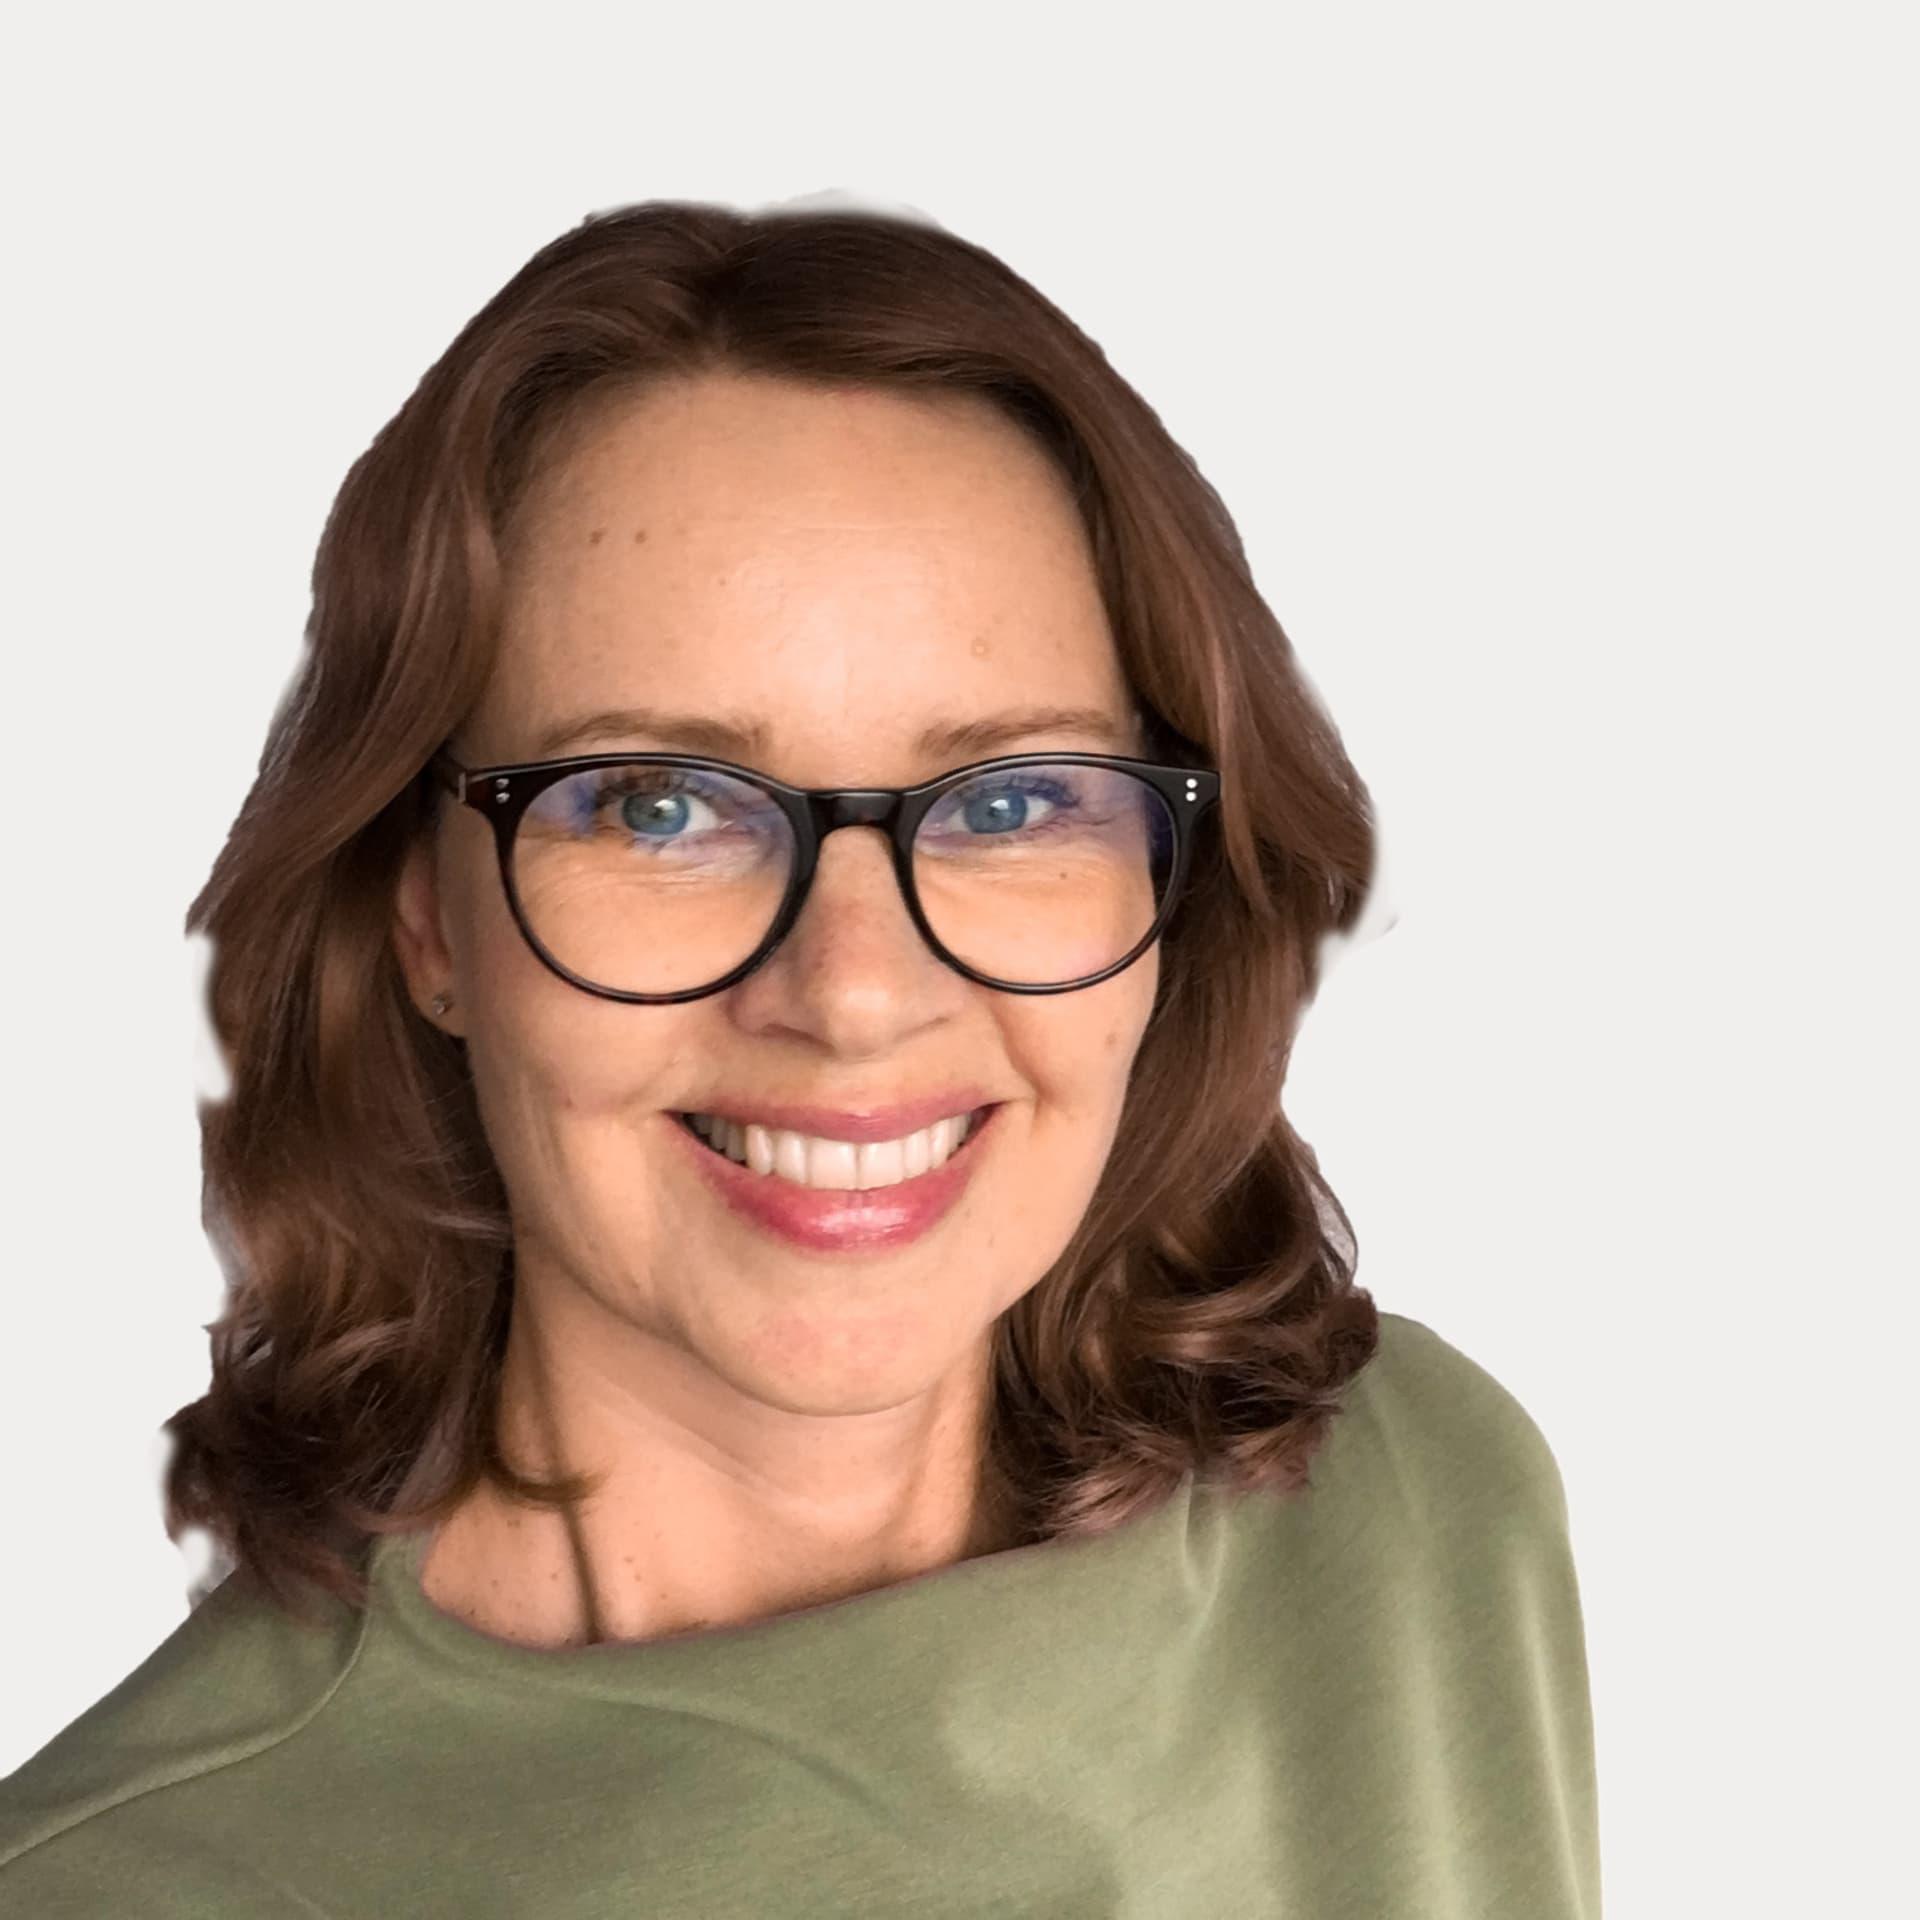 Steffi Schmitz